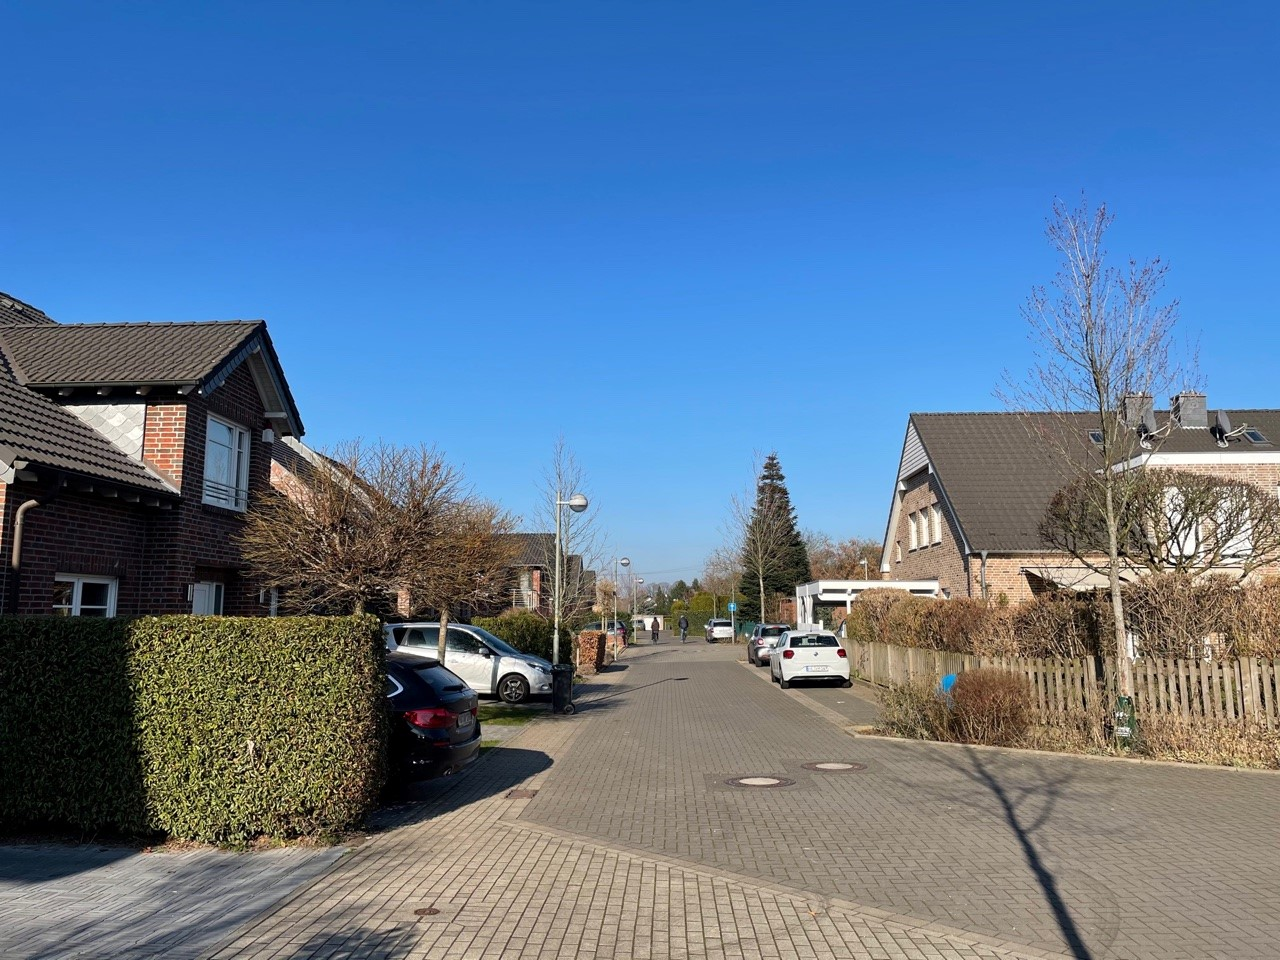 Immobilie Nr.0337 - Baugrundstück für eine DHH rechtsbündig - Bild 5.jpg